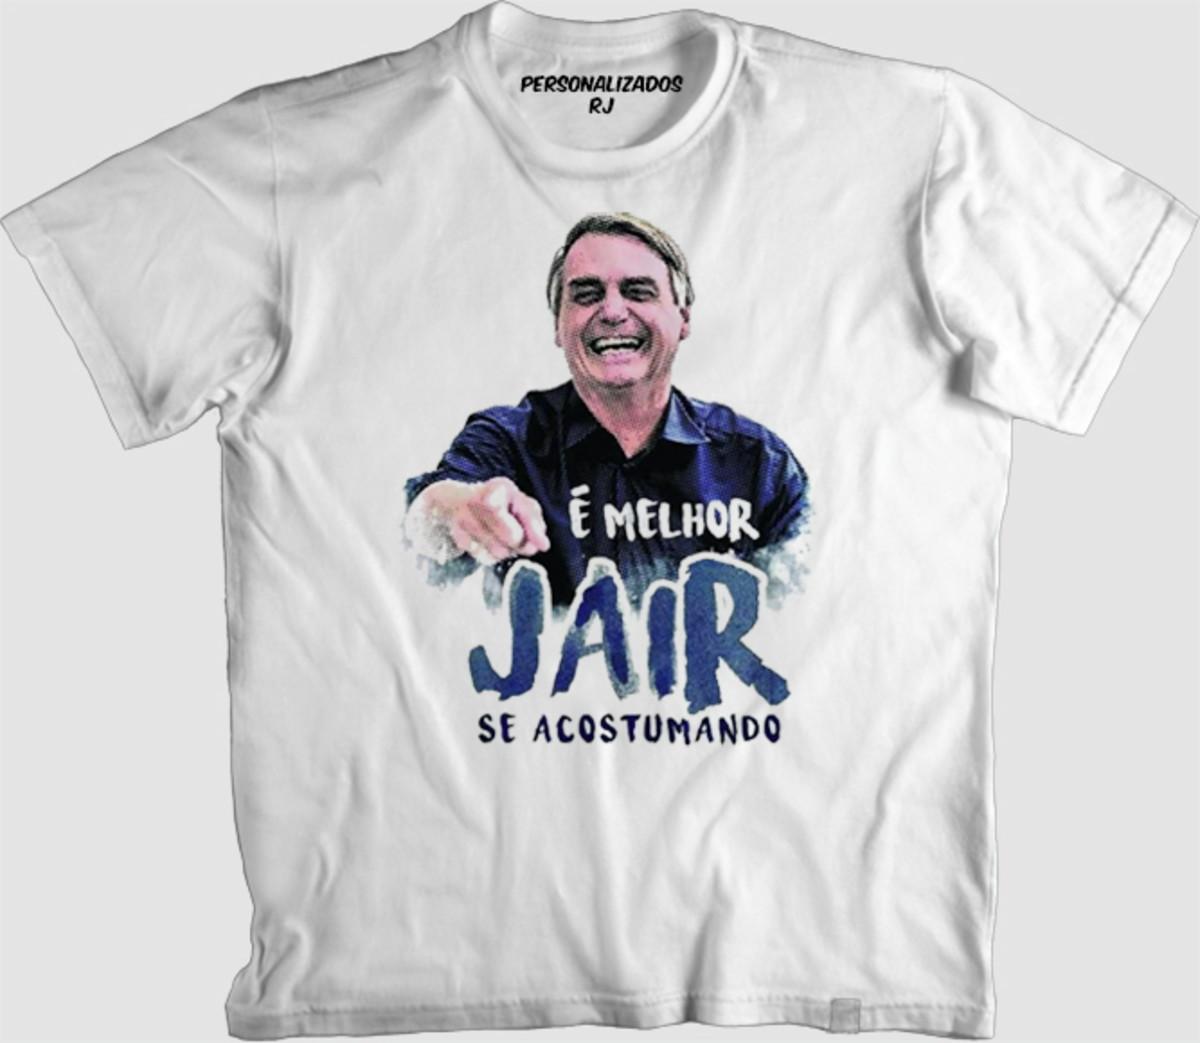 Camisa é Melhor Jair Se Acostumando No Elo7 Personalizados Rj C1f12a